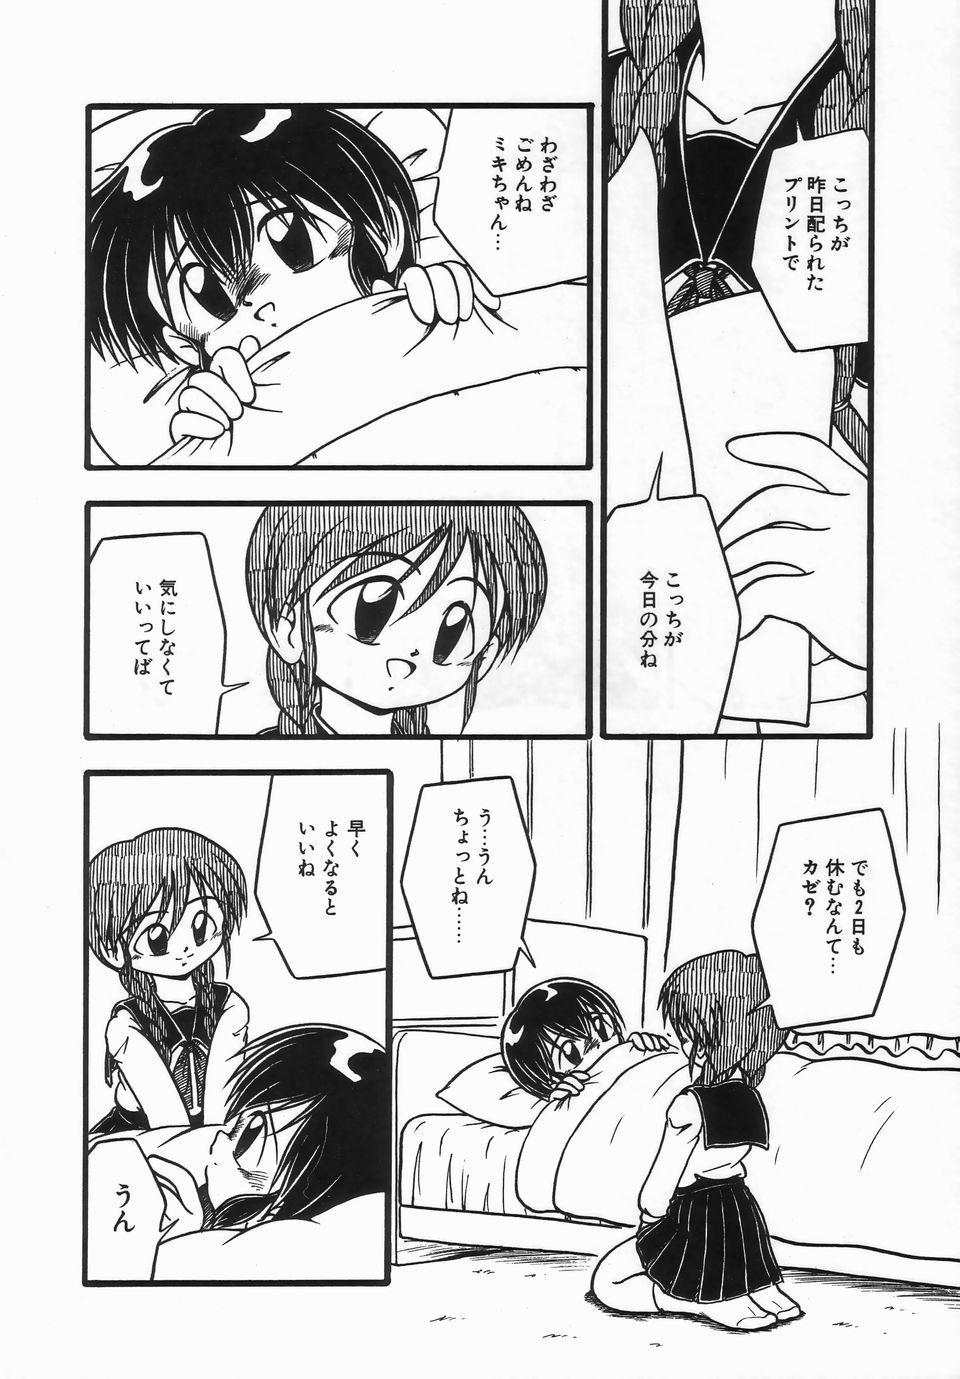 Kanchou Shoujo - Enema Girl 101